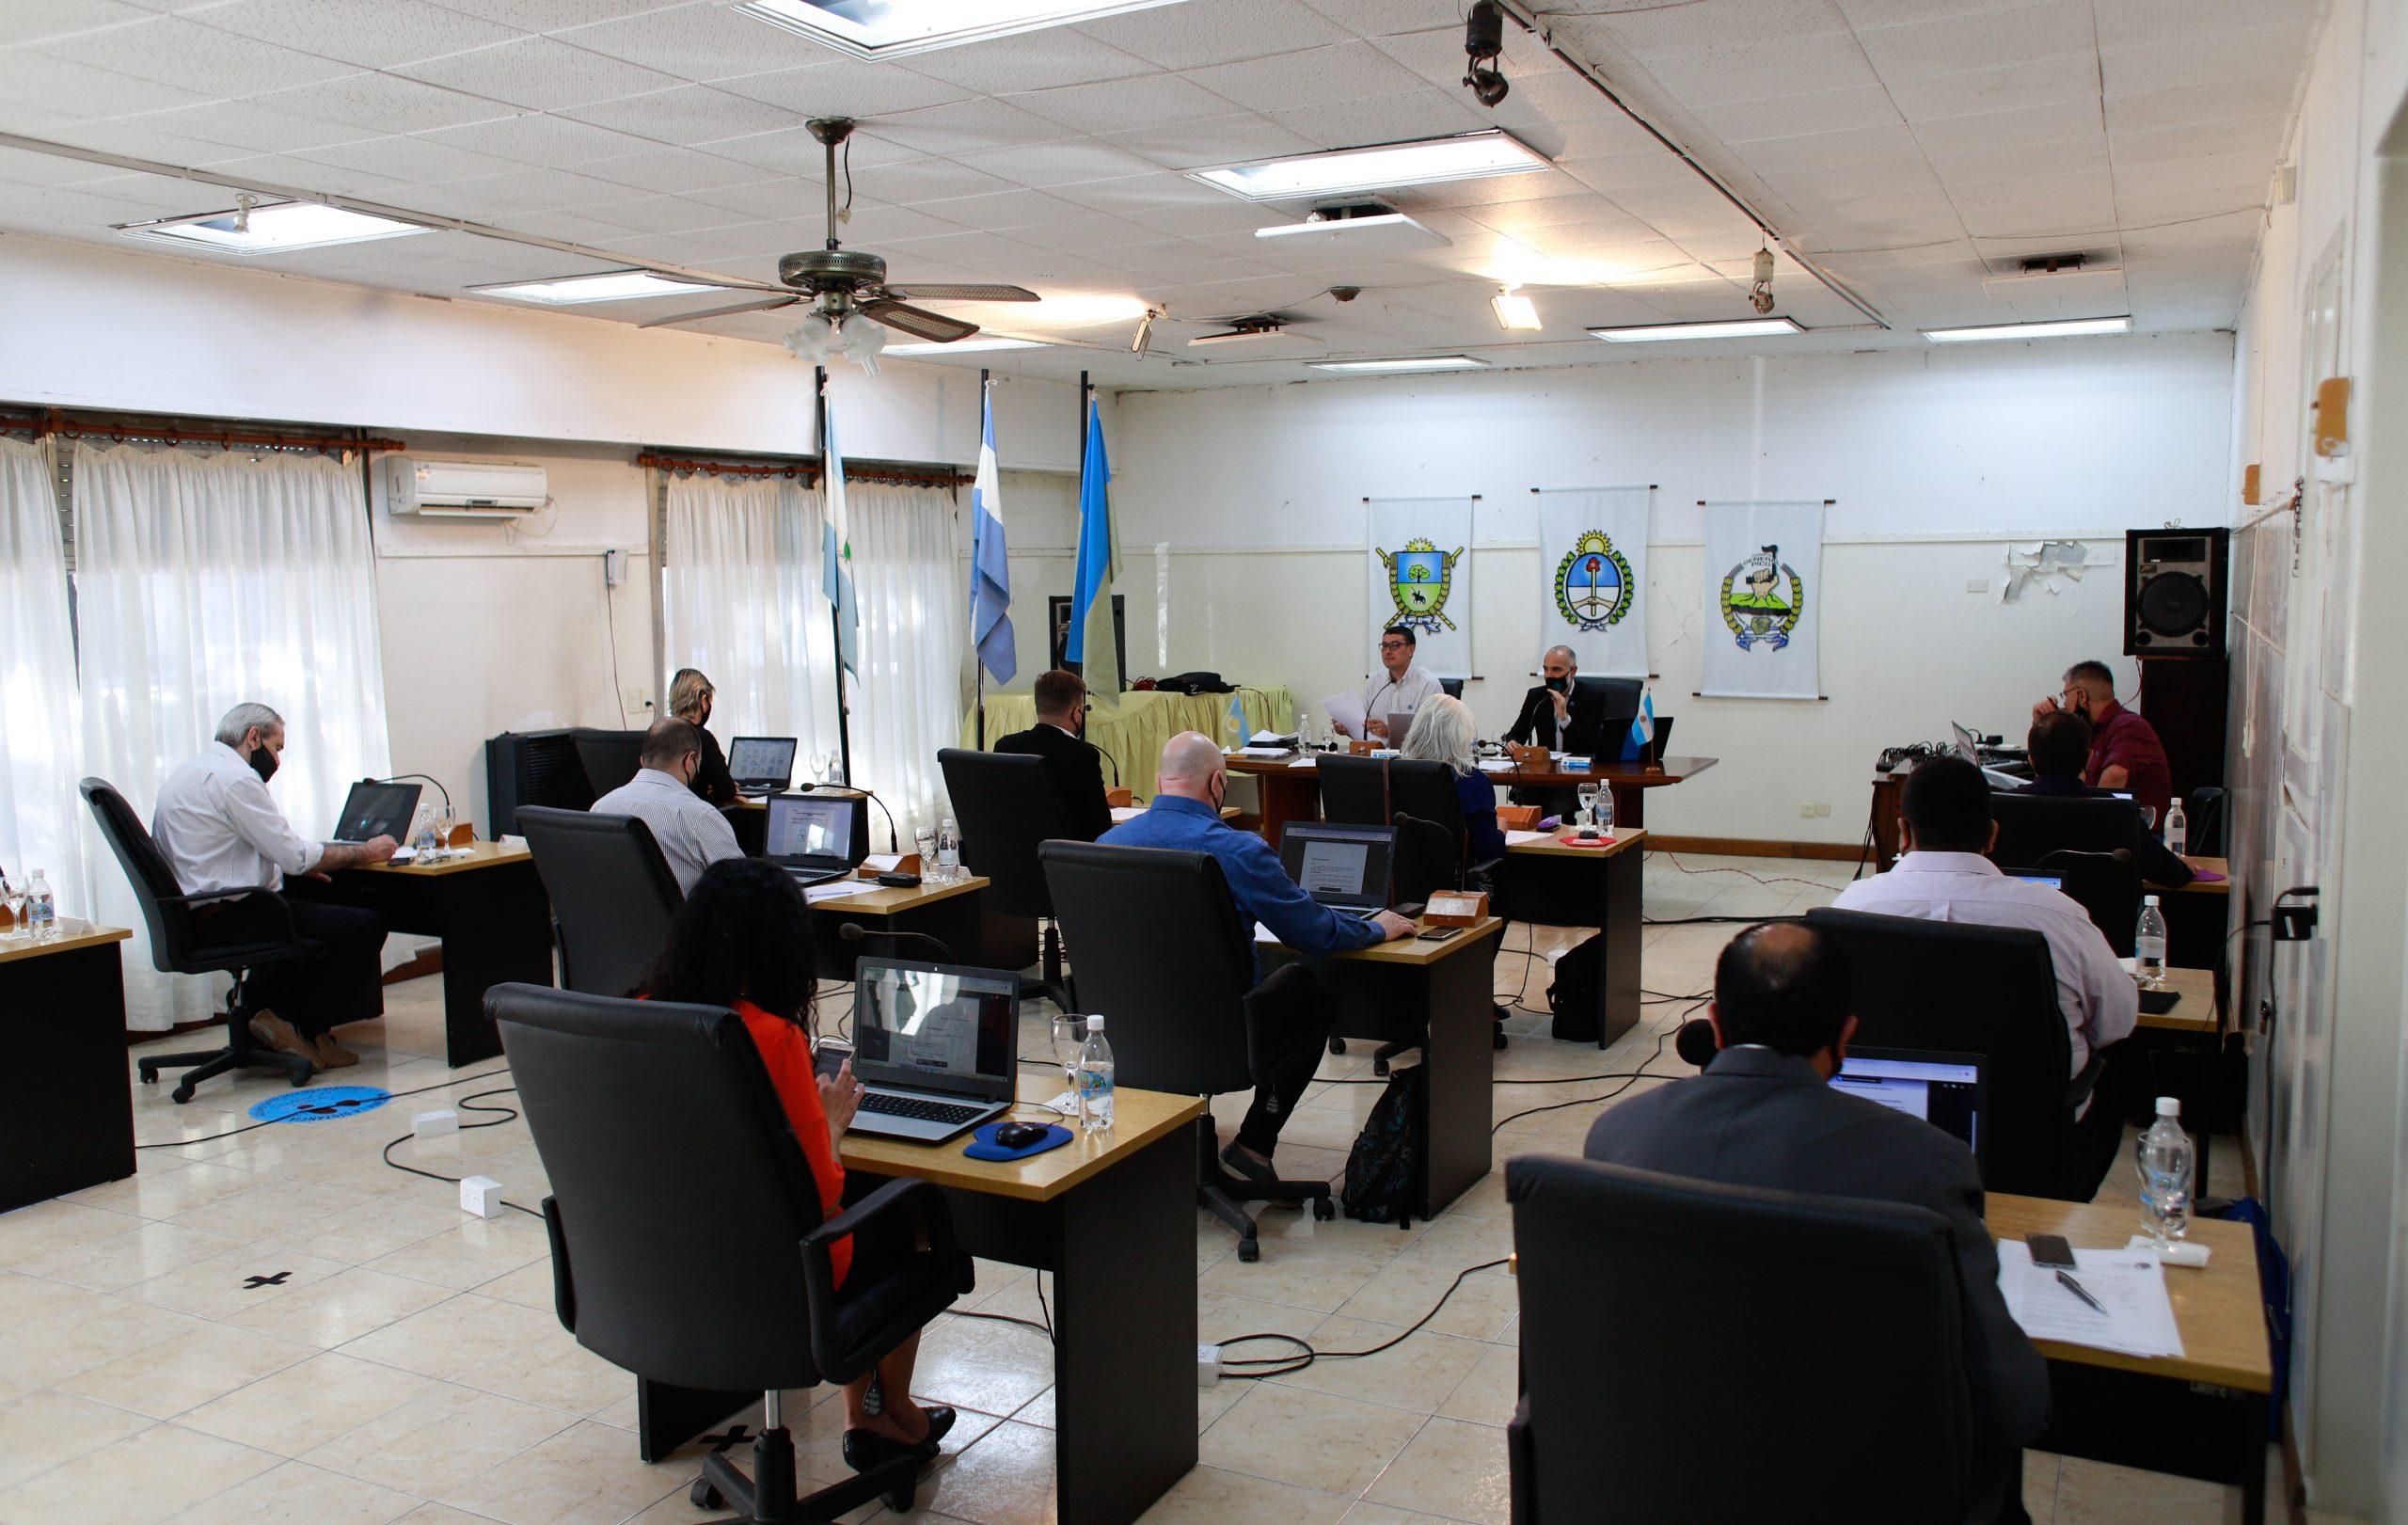 Pasó la vigésima sesión del Concejo Deliberante y habrá prórroga del período de ordinarias hasta el 31 de diciembre